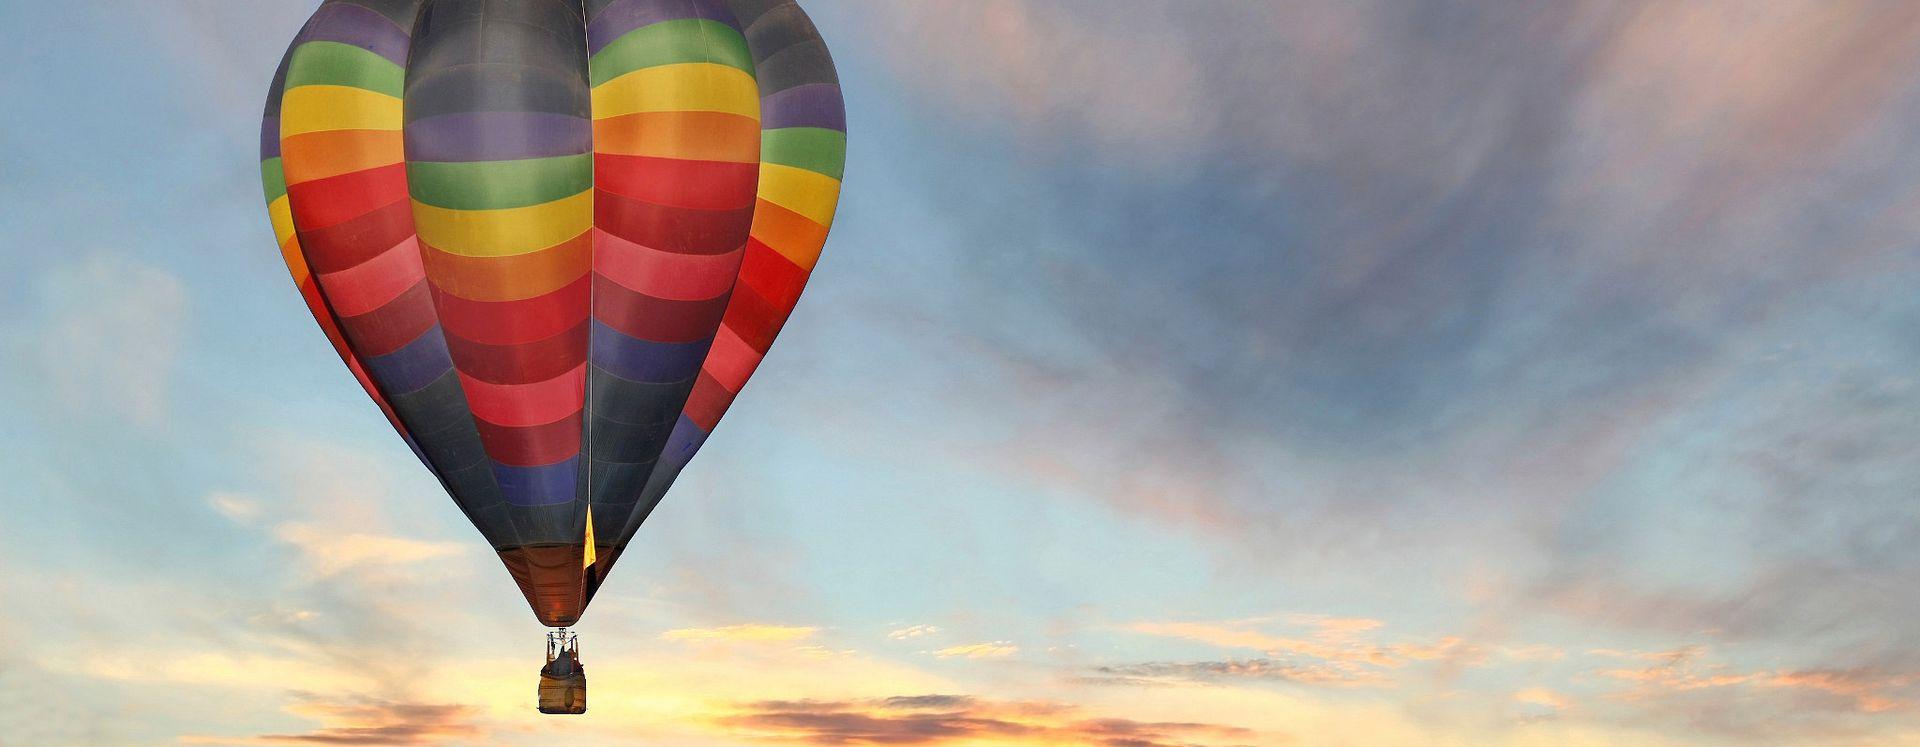 El amanecer hace lucir los colores de un globo aerostático mientras flota en el cielo